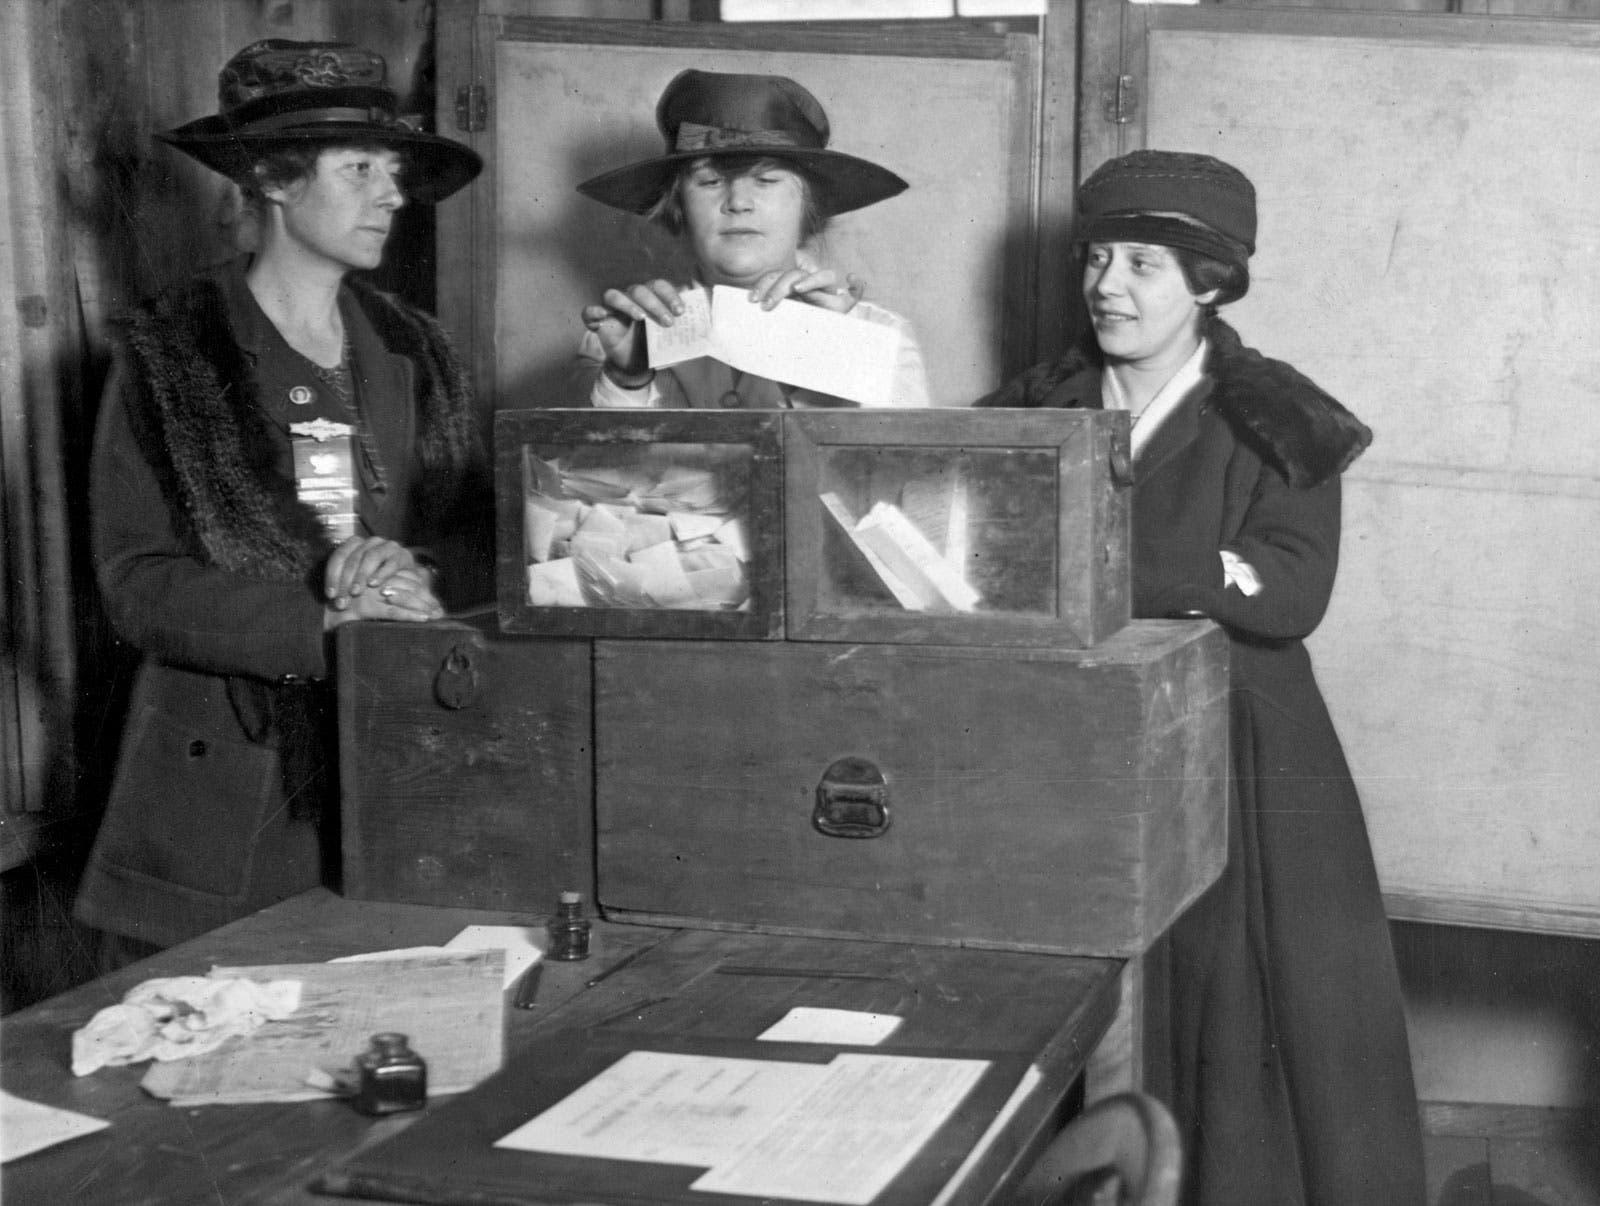 صورة لعدد من النساء أثناء عملية الإنتخاب